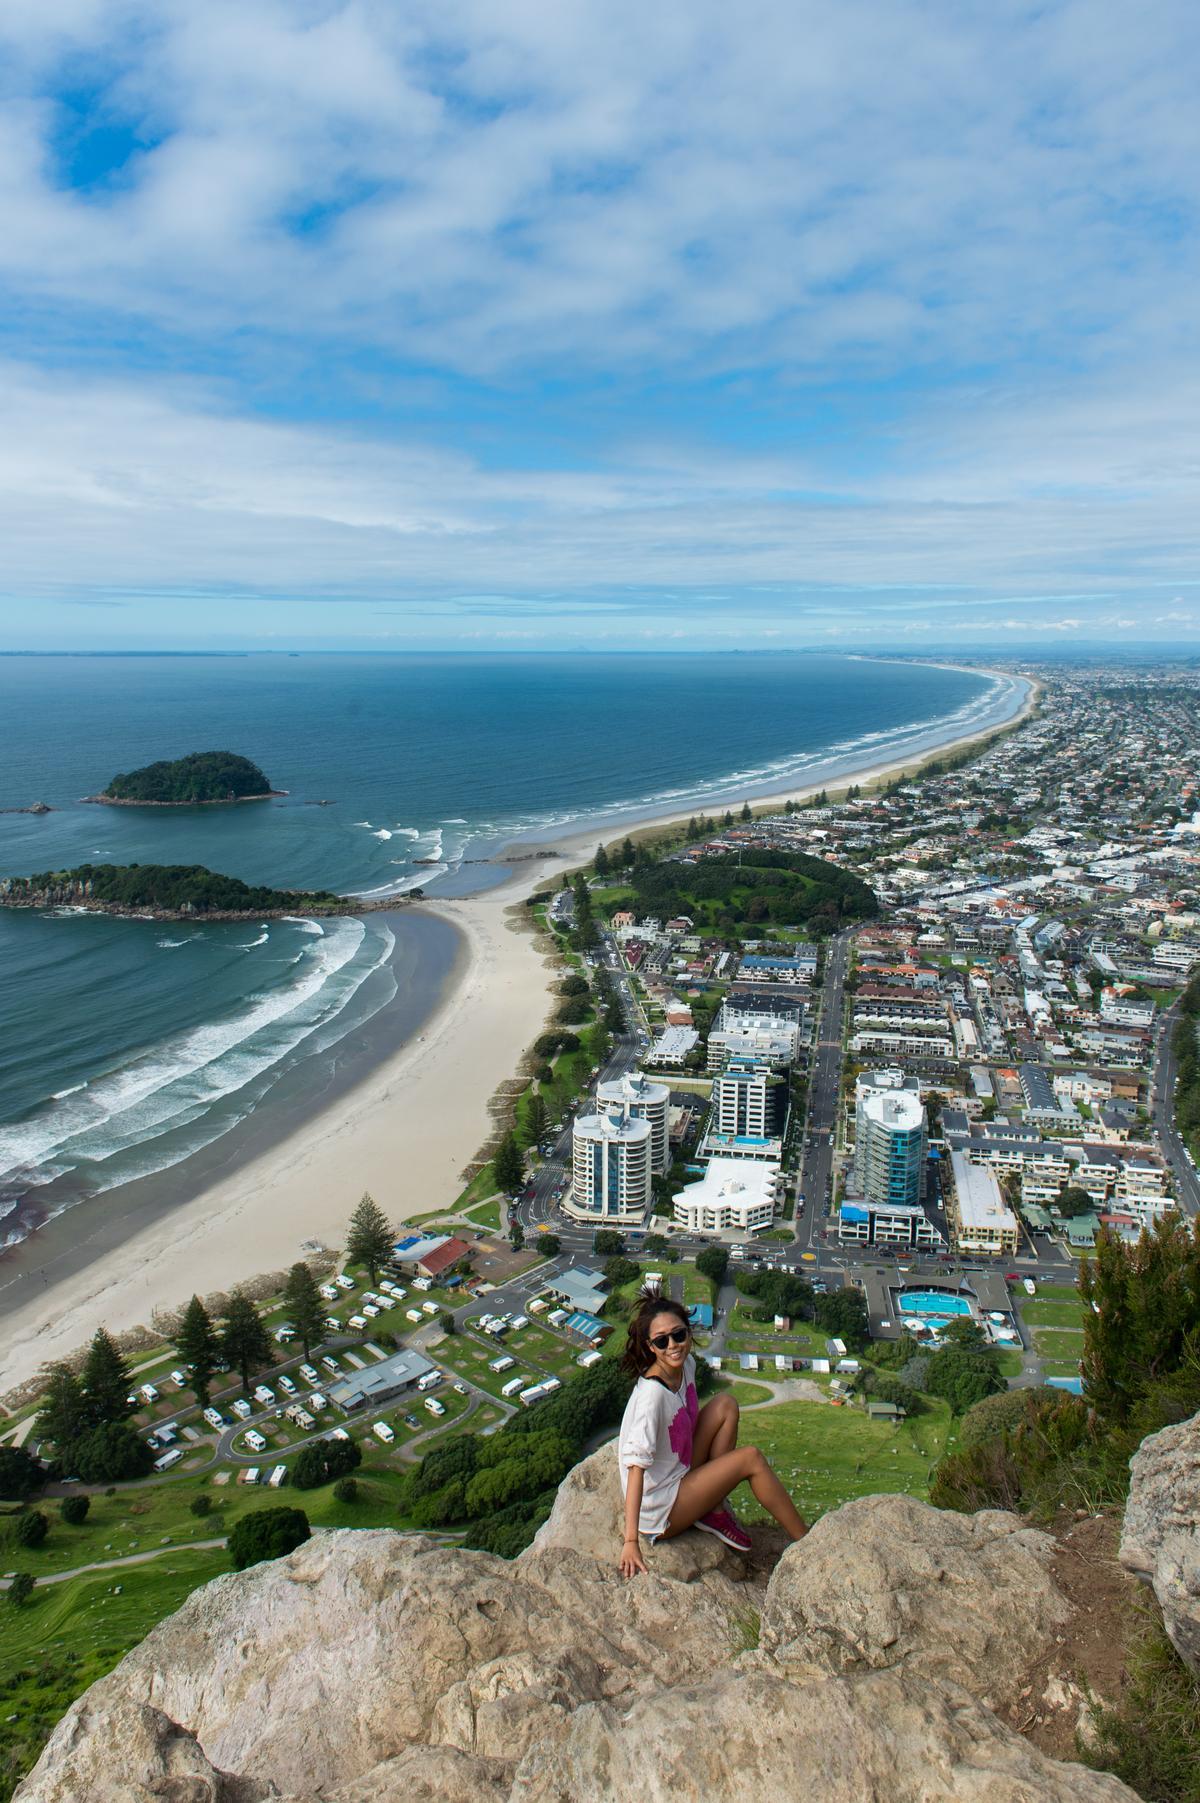 站上「Mt. Maunganui」的山頂巨石,腳下風光美不勝收。